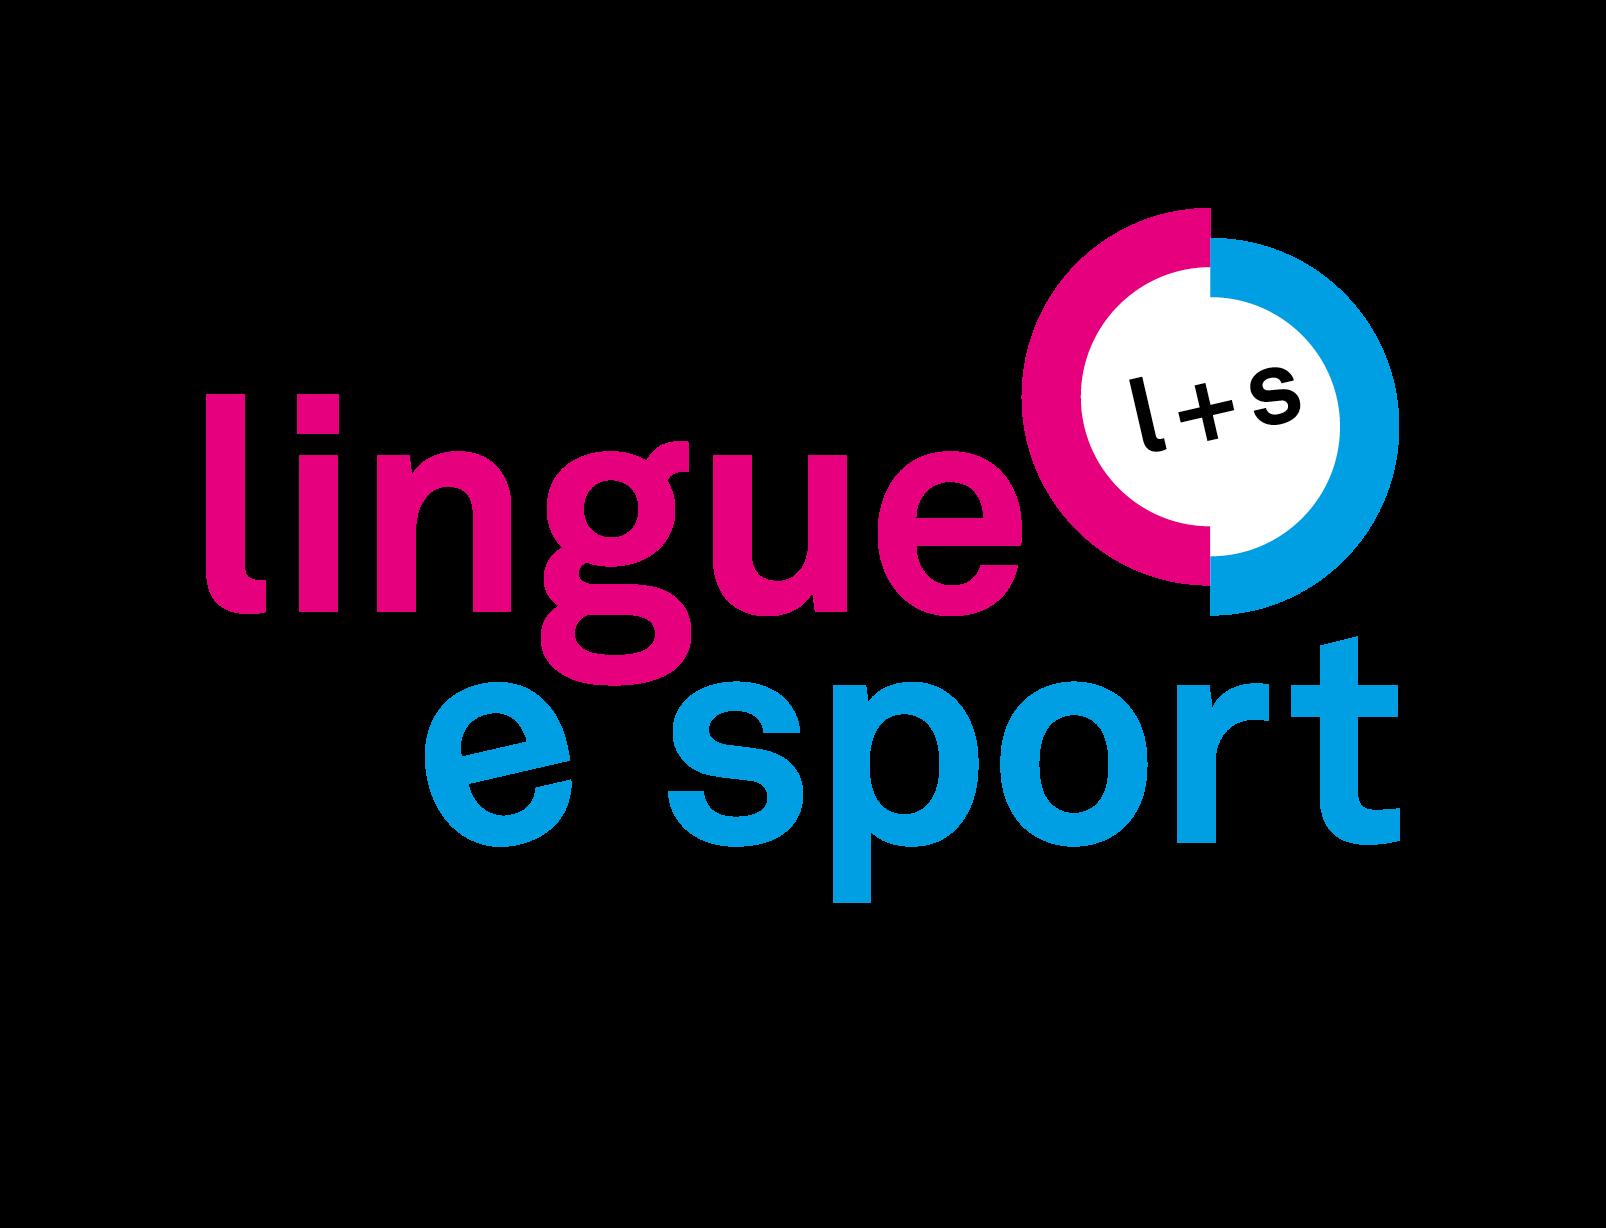 Lingue e Sport